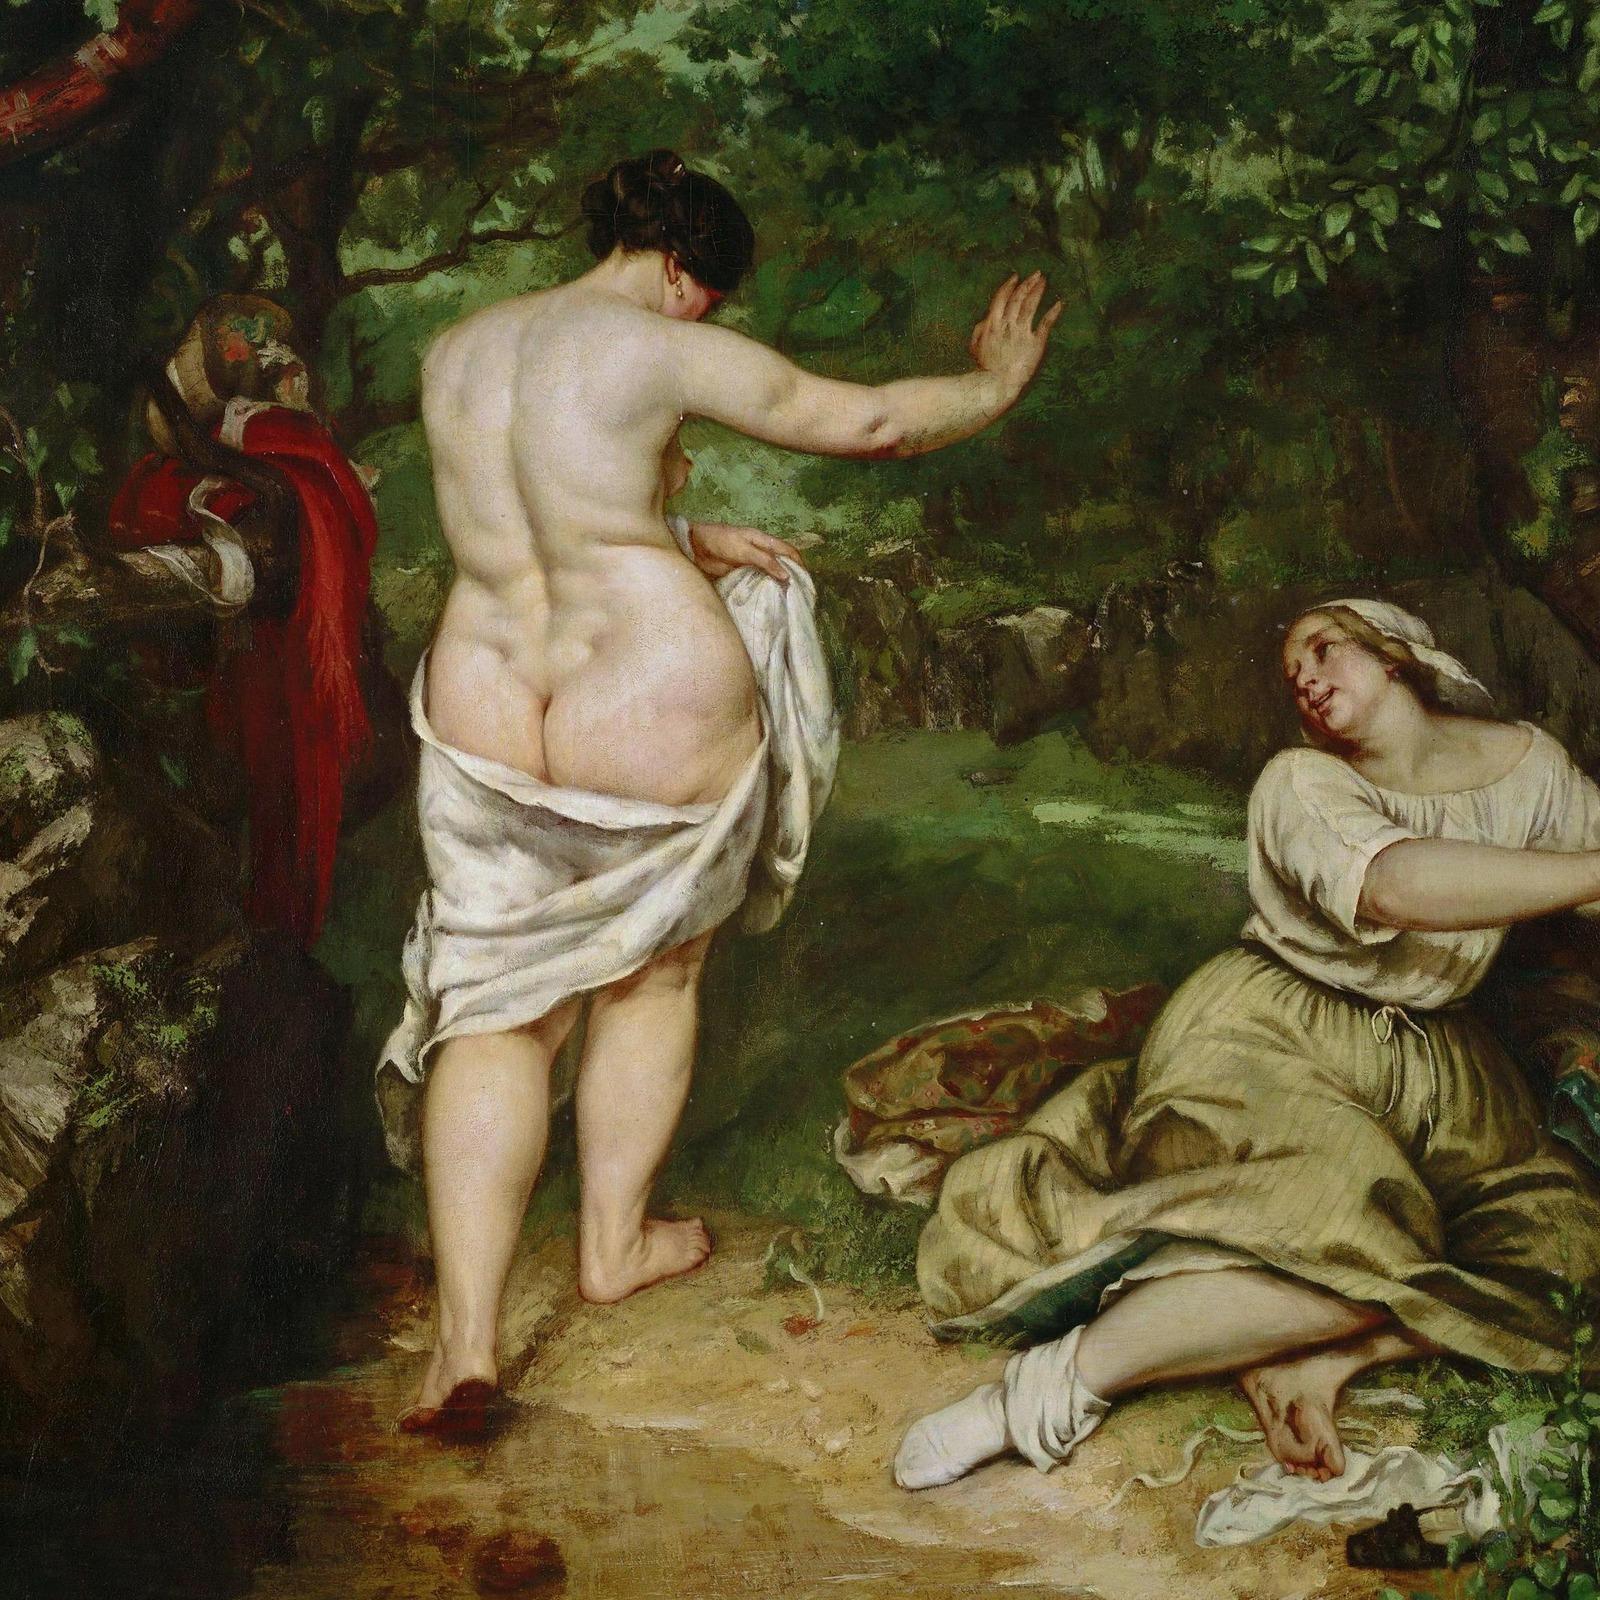 Гюстав Курбе. 1853. Купальщица (The Bathers). 227 х 193. Холст, масло. Монпелье, музей Фабра. Деталь.